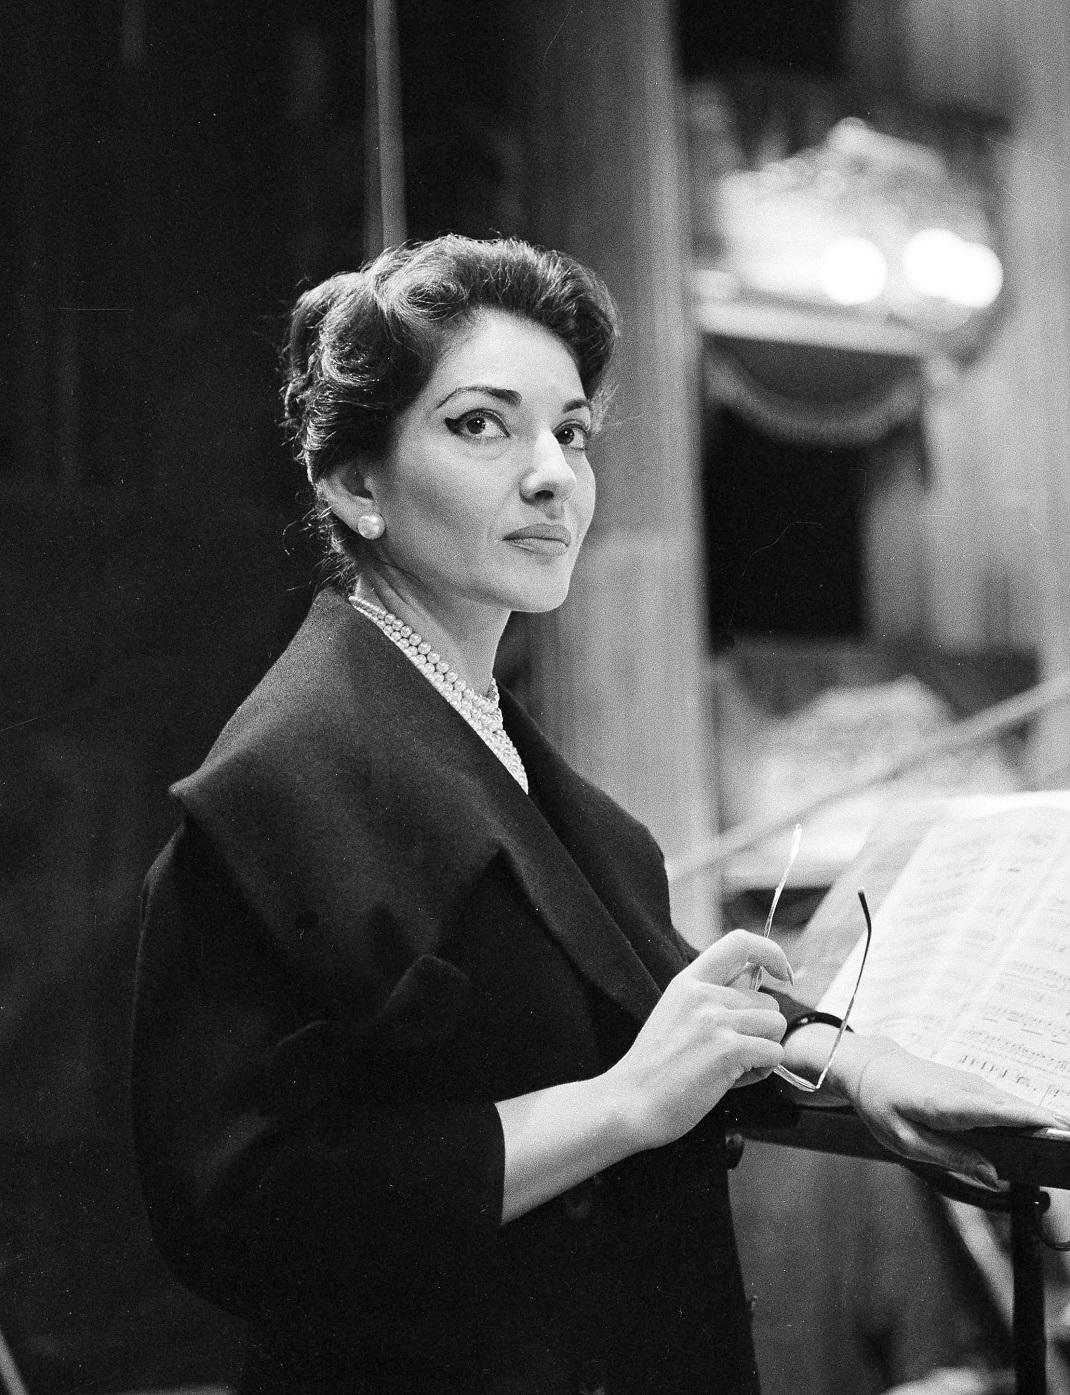 Η Μαρία Κάλλας στη Σκάλα του Μιλάνου